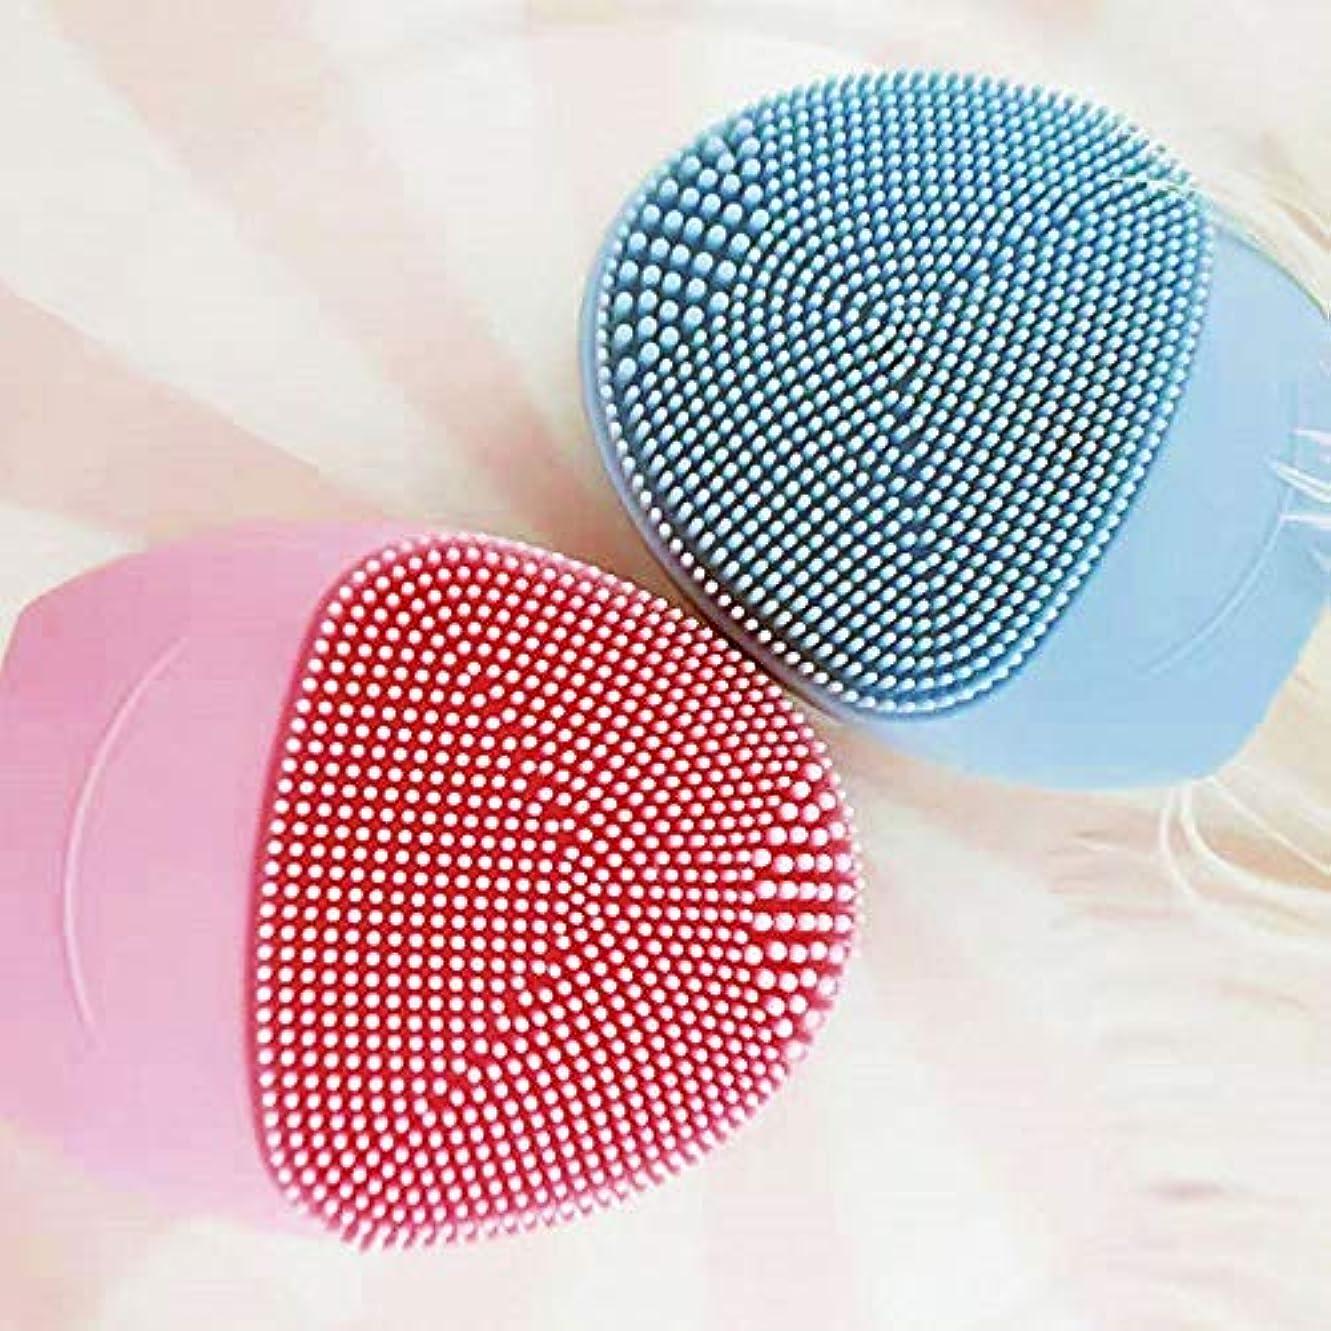 指紋かけるモニター電気シリコーン洗浄器具洗浄アーティファクトシリコーン洗浄ブラシ家庭用電気洗浄器具 (Blue)